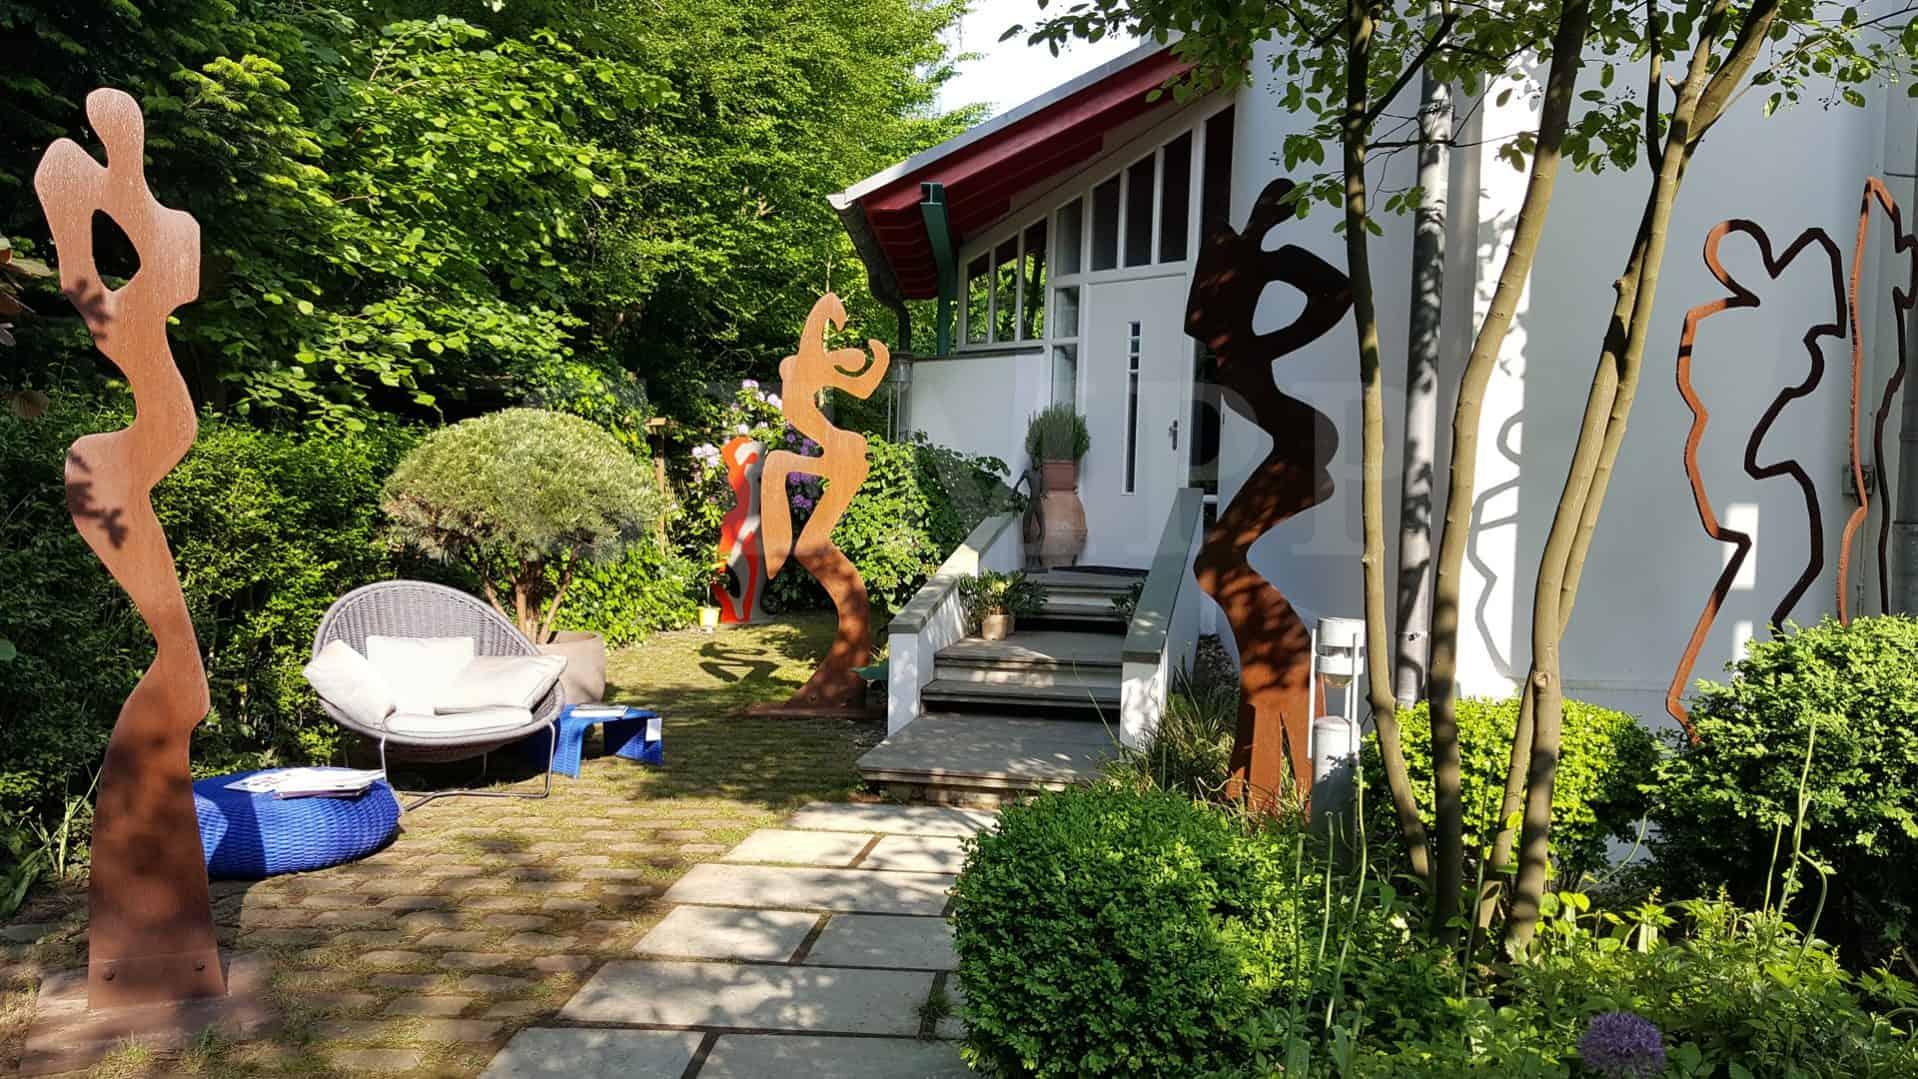 Full Size of Garten Skulpturen Gartenskulpturen Modern Stein Aus Antik Kaufen Metall Steinguss Berlin Schweiz Skulptur Gartendeko Moderne Und Stilvolle Gempp Gartendesign Garten Garten Skulpturen